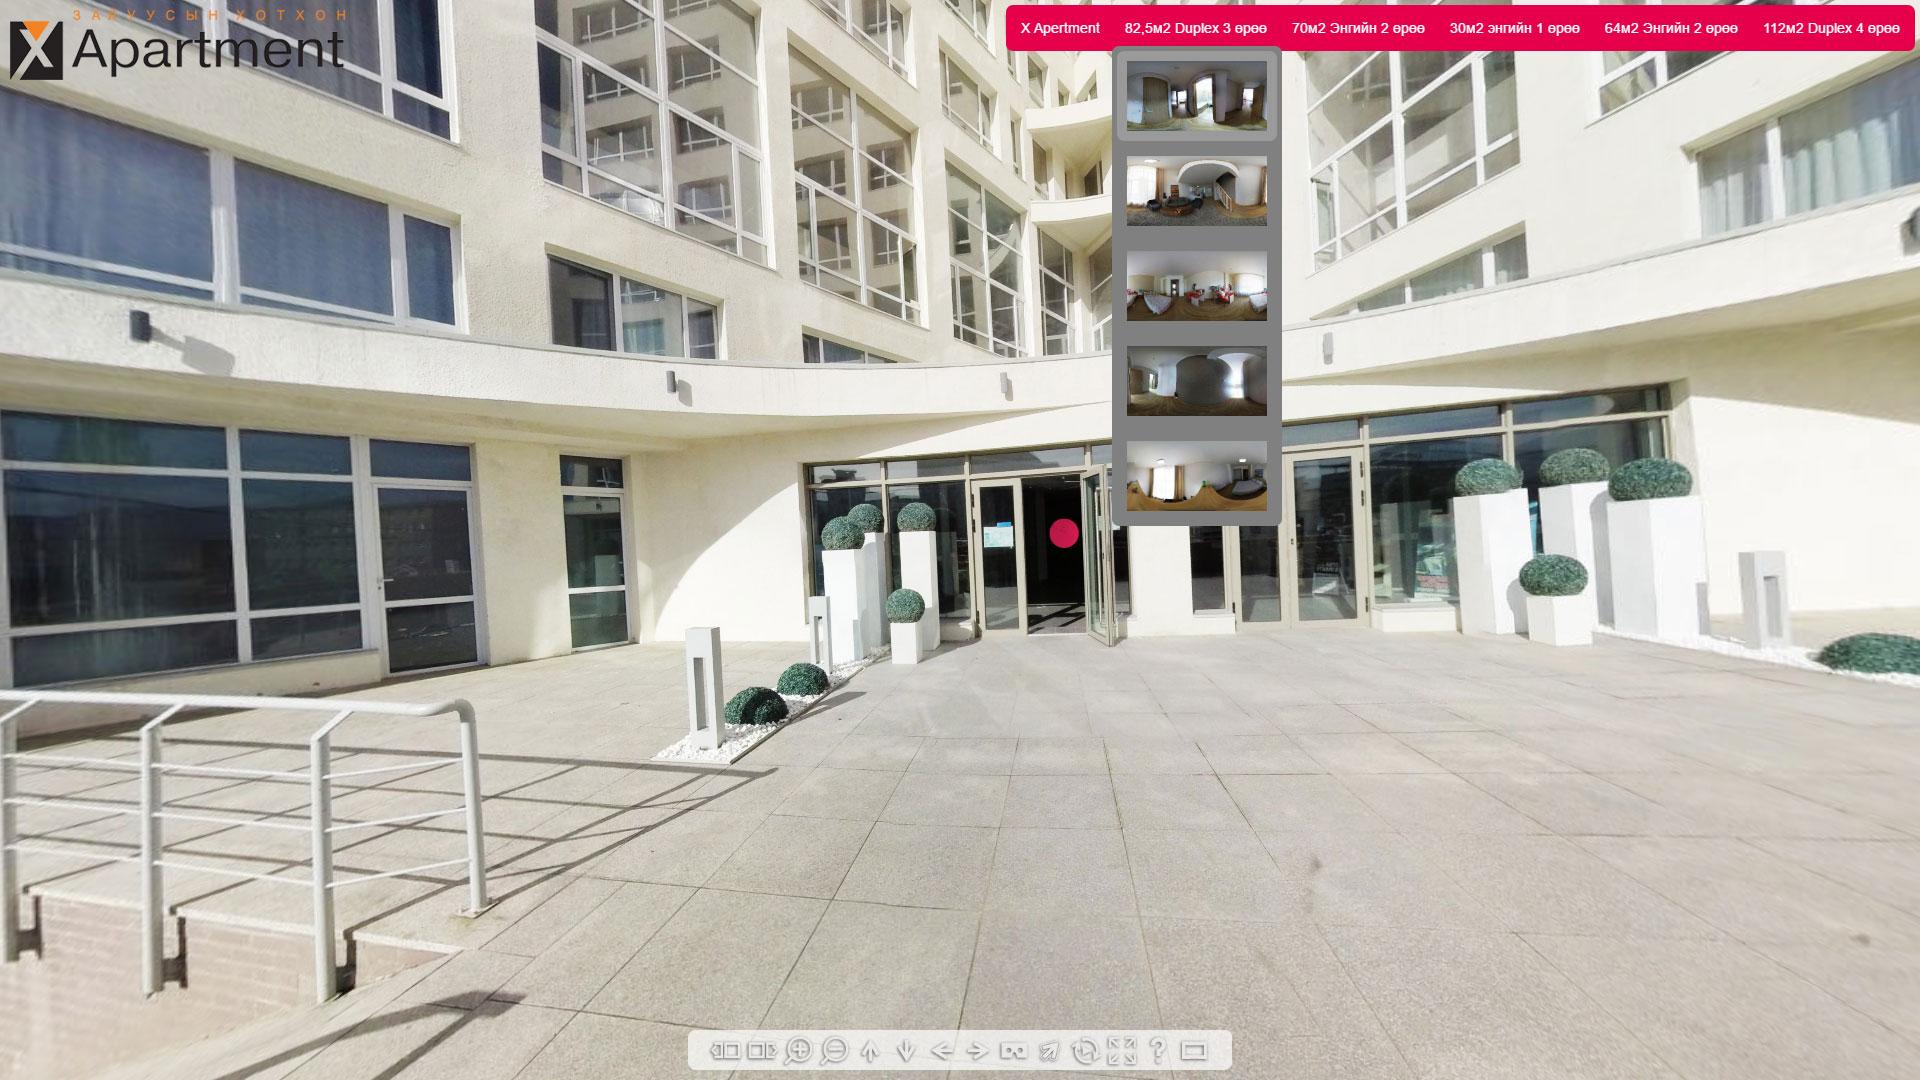 x-apartment2